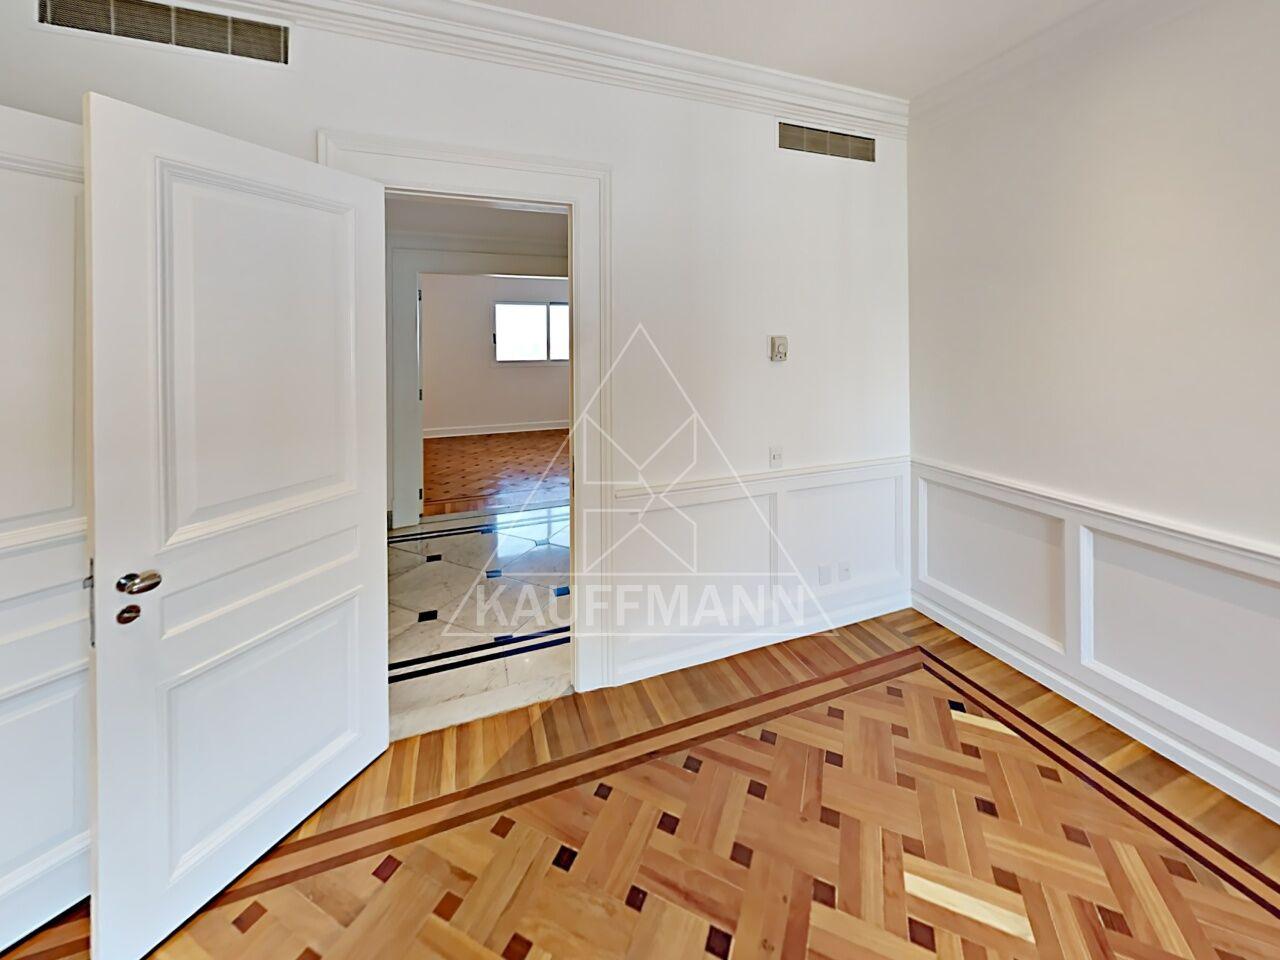 apartamento-venda-sao-paulo-jardim-america-regency-6dormitorios-6suites-7vagas-1099m2-Foto11